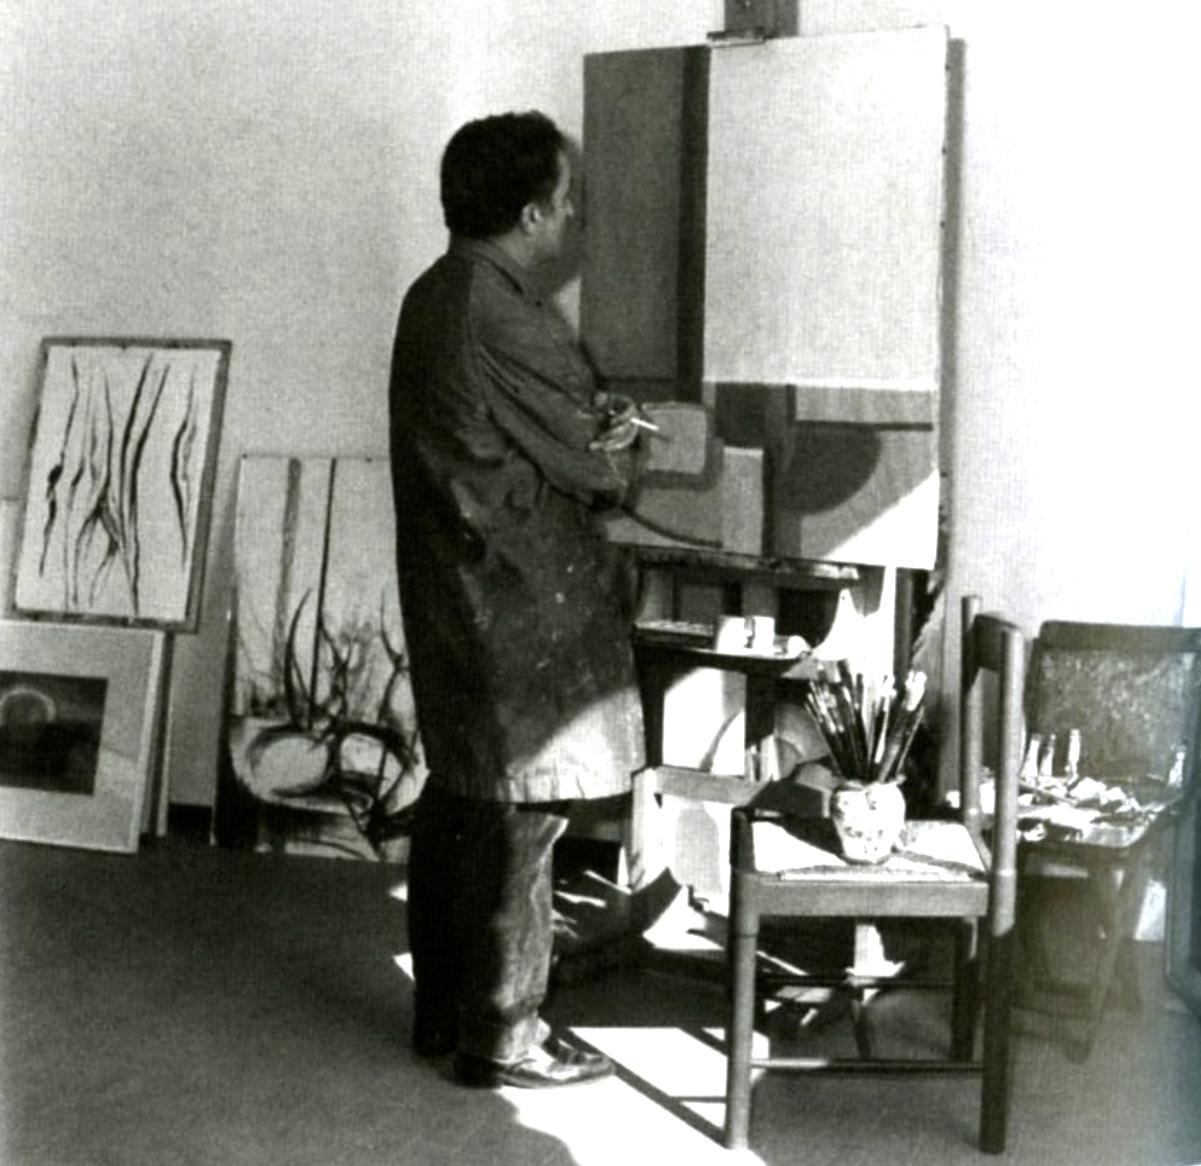 zz-_montagna_angiolo_1971_nel_suo_studio_-_foto_-_